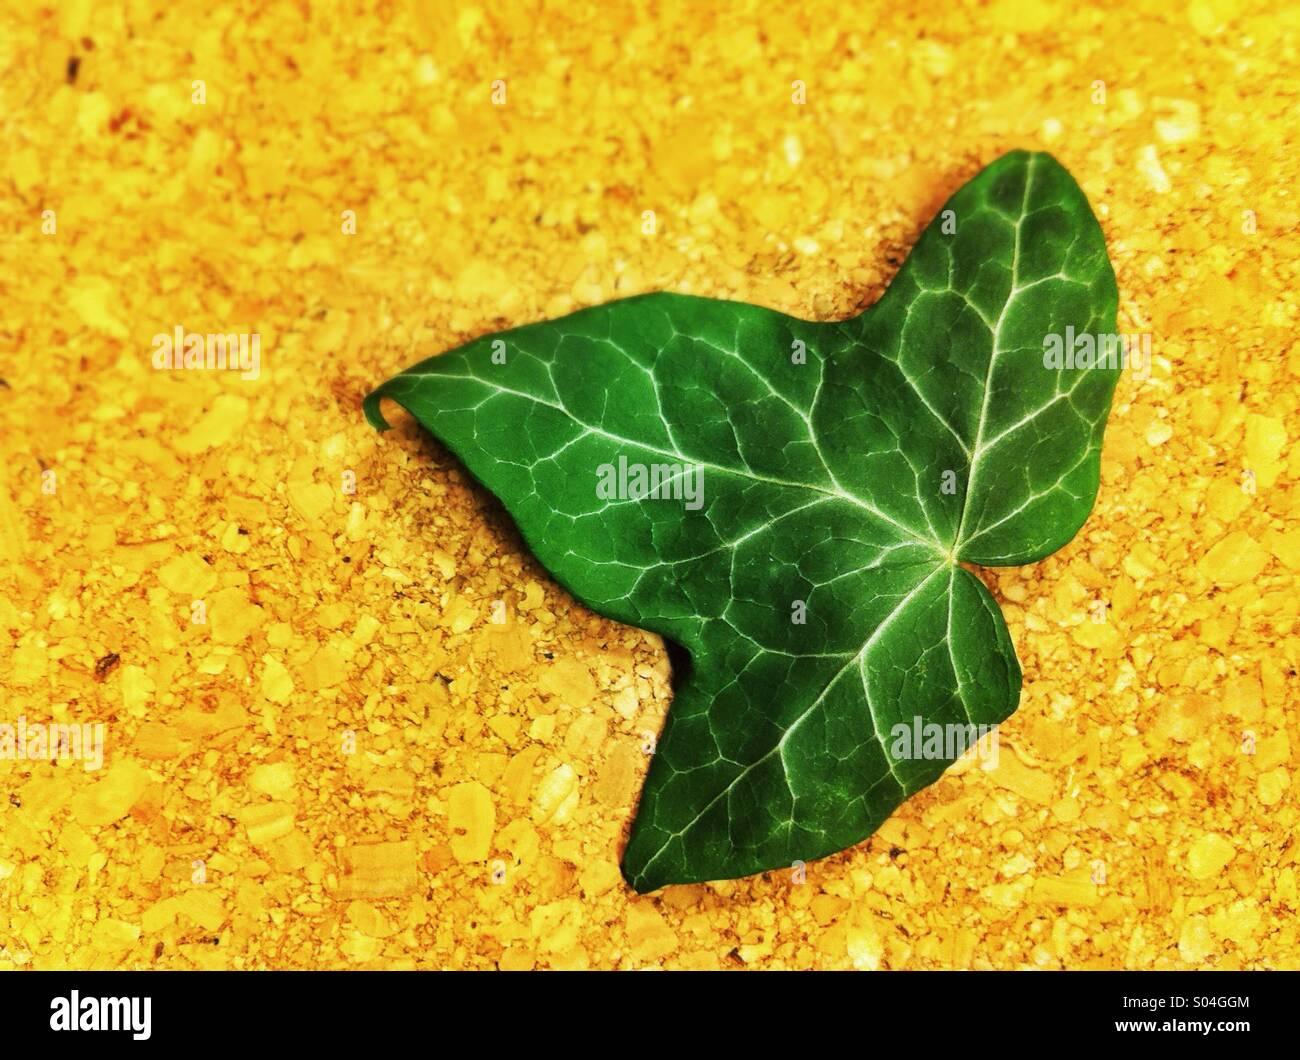 ivy leaf cork background - Stock Image